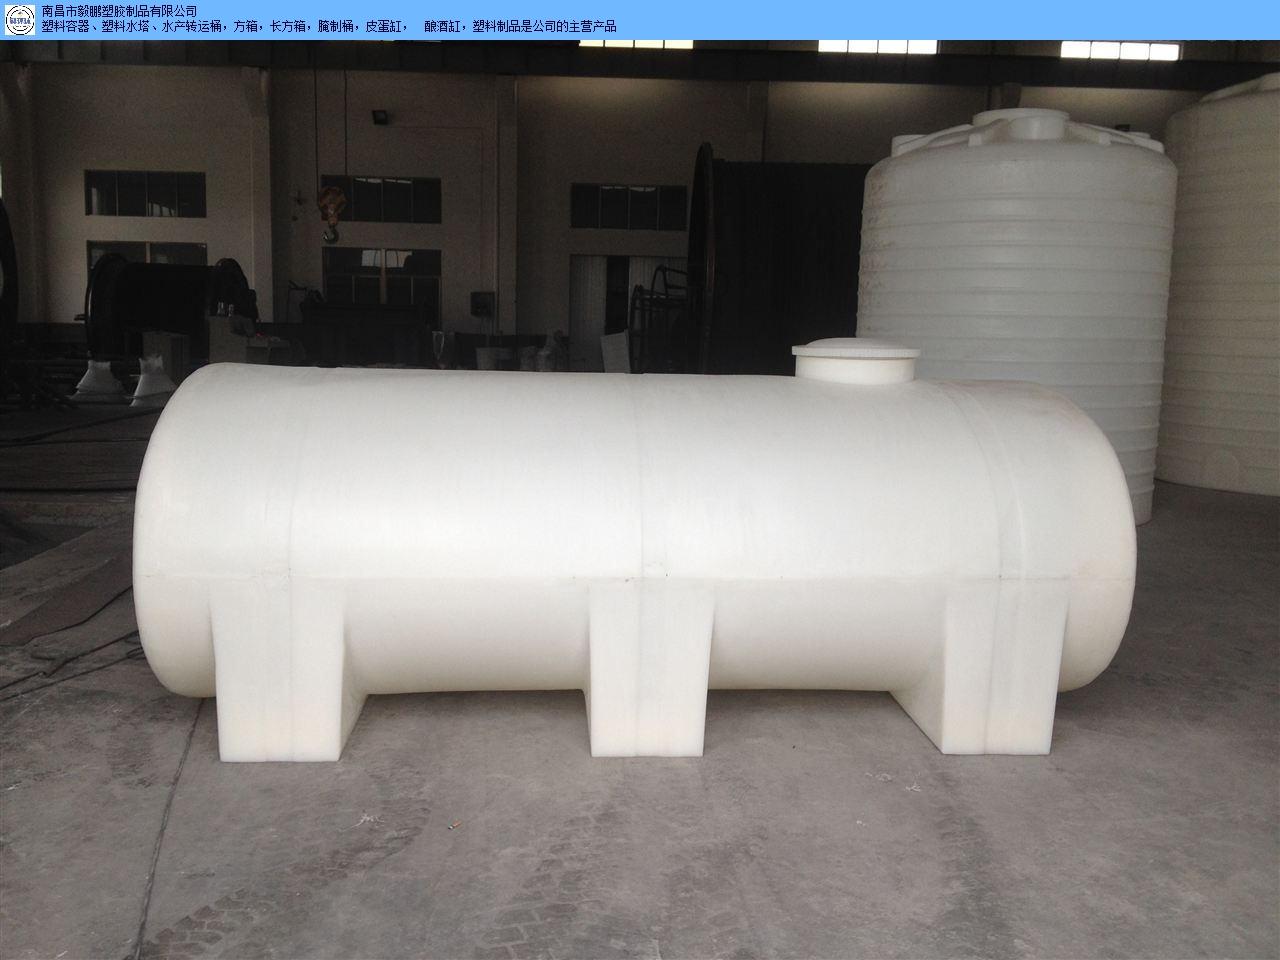 九龙湖PE压力储罐厂家 南昌市毅鹏塑胶制品供应